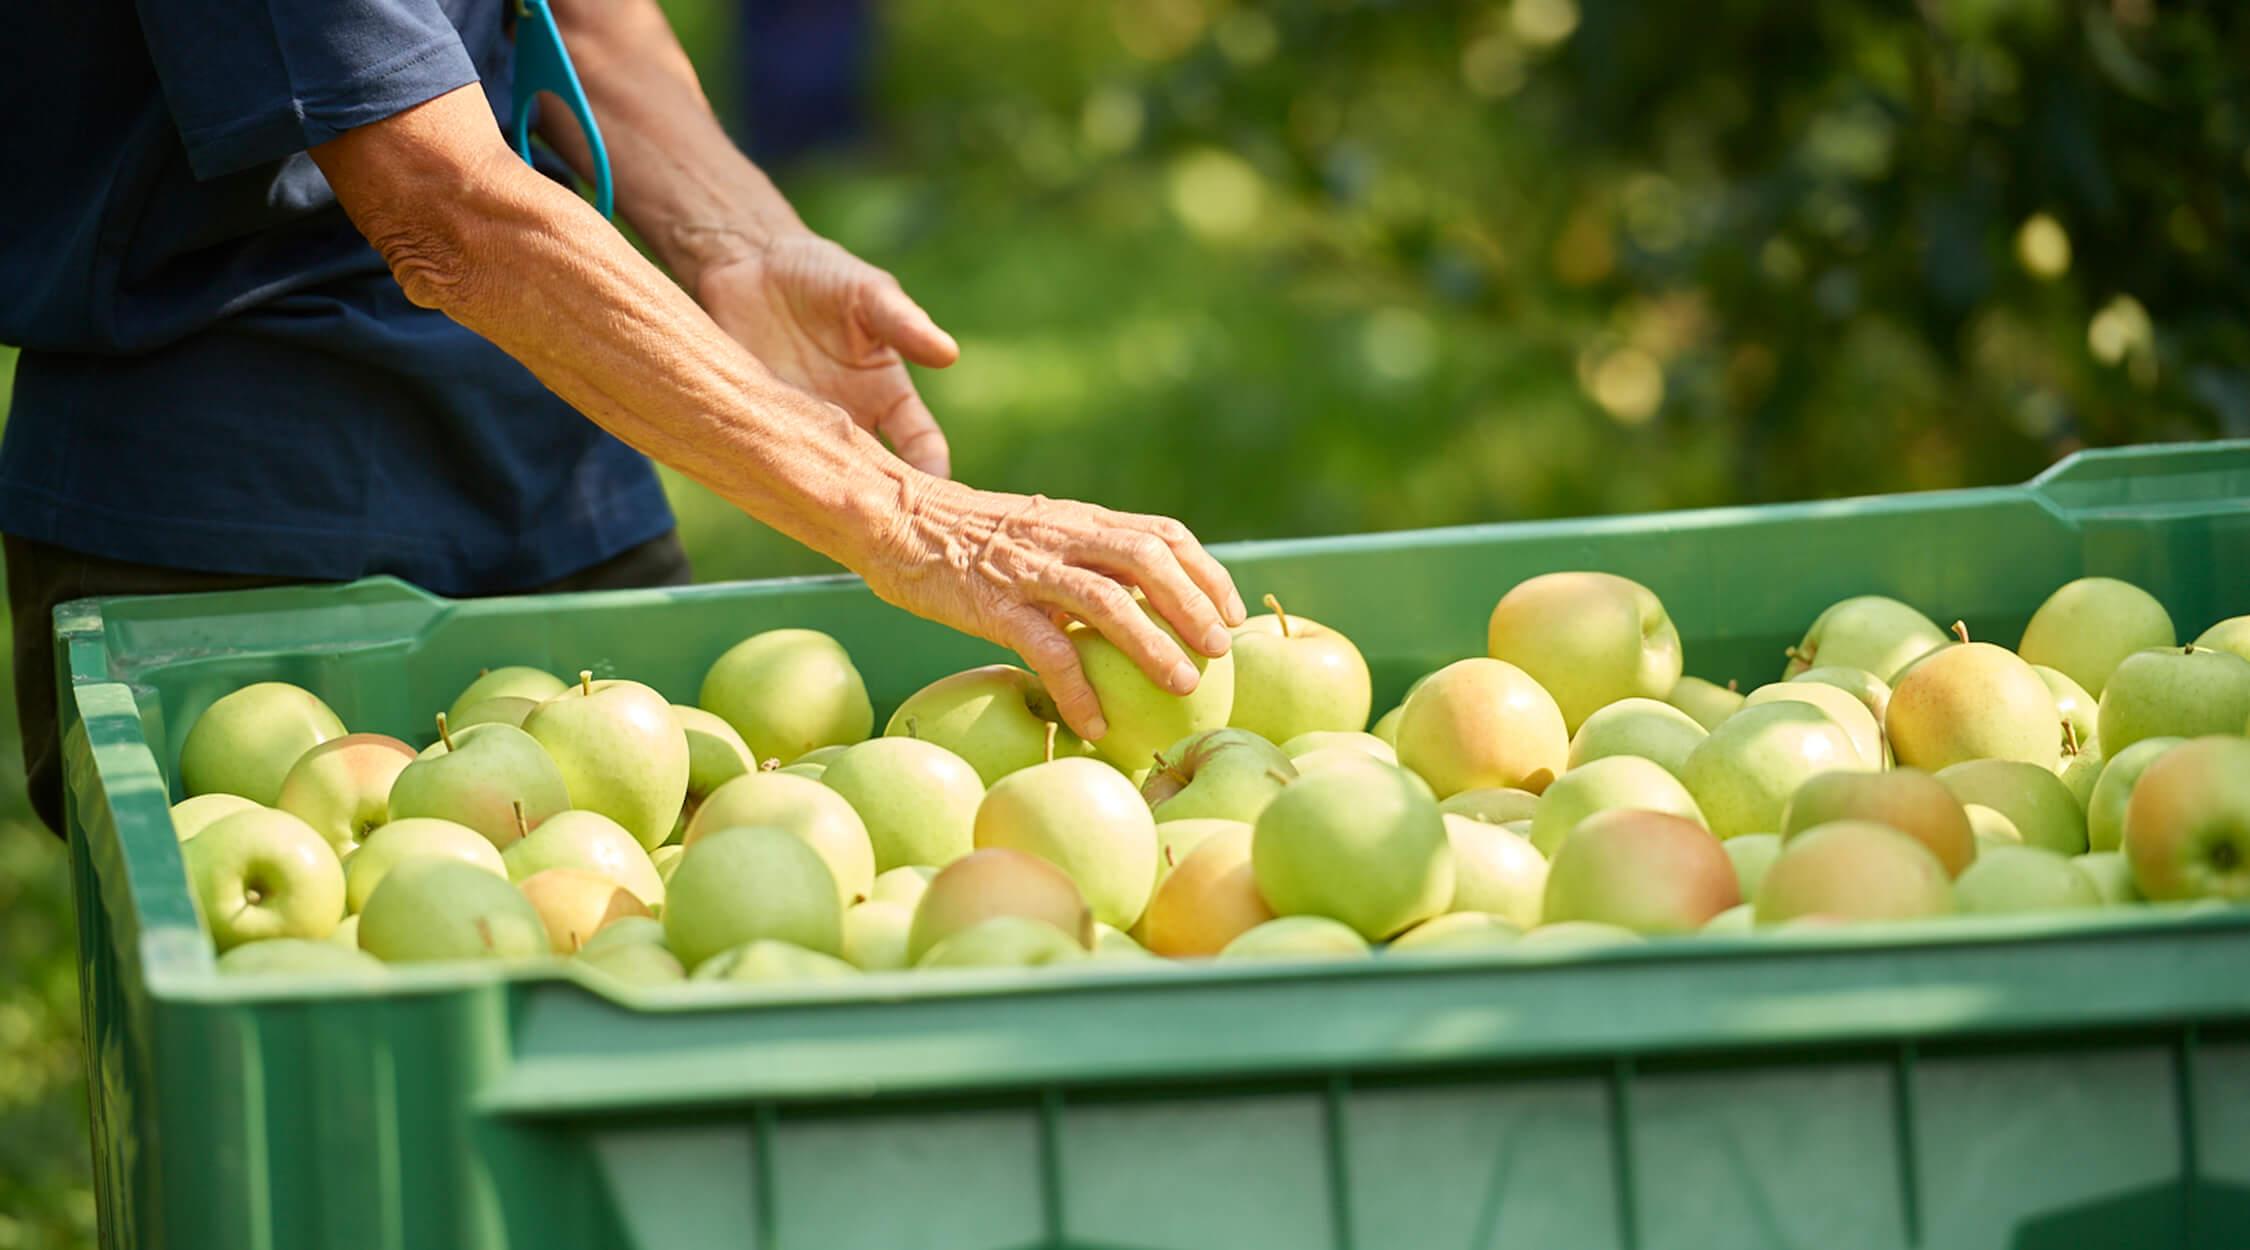 giornata mondiale delle cooperative la trentina raccolta delle mele